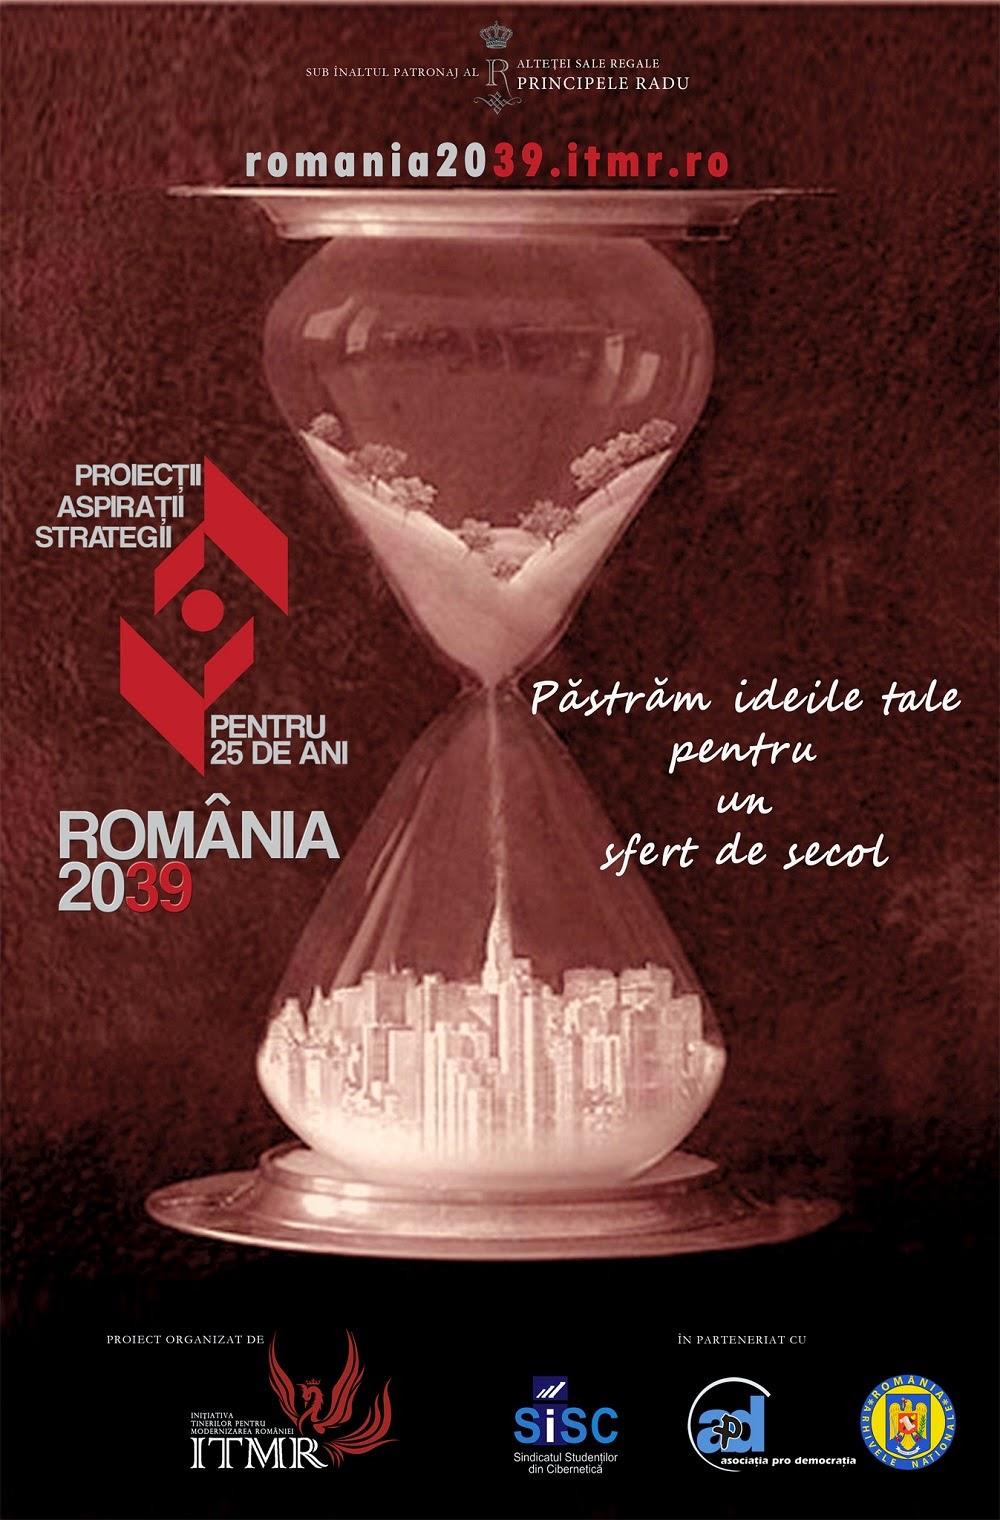 Proiectul Romania 2039